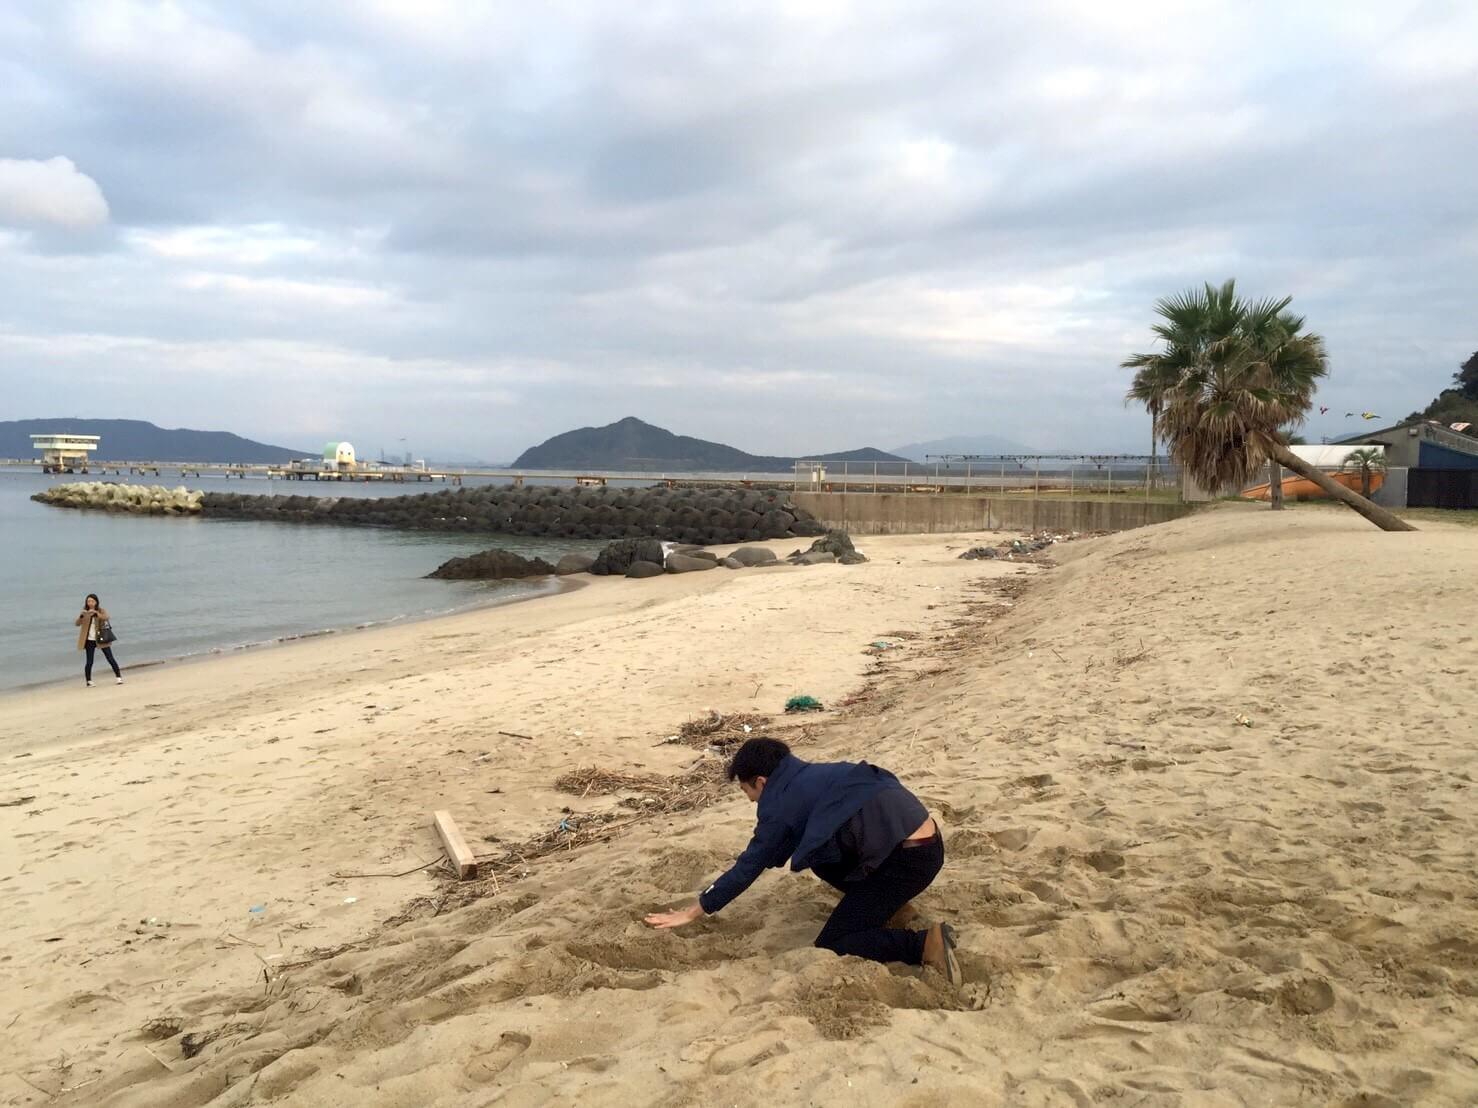 糸島の椰子の木ブランコ。着地成功に思いきや